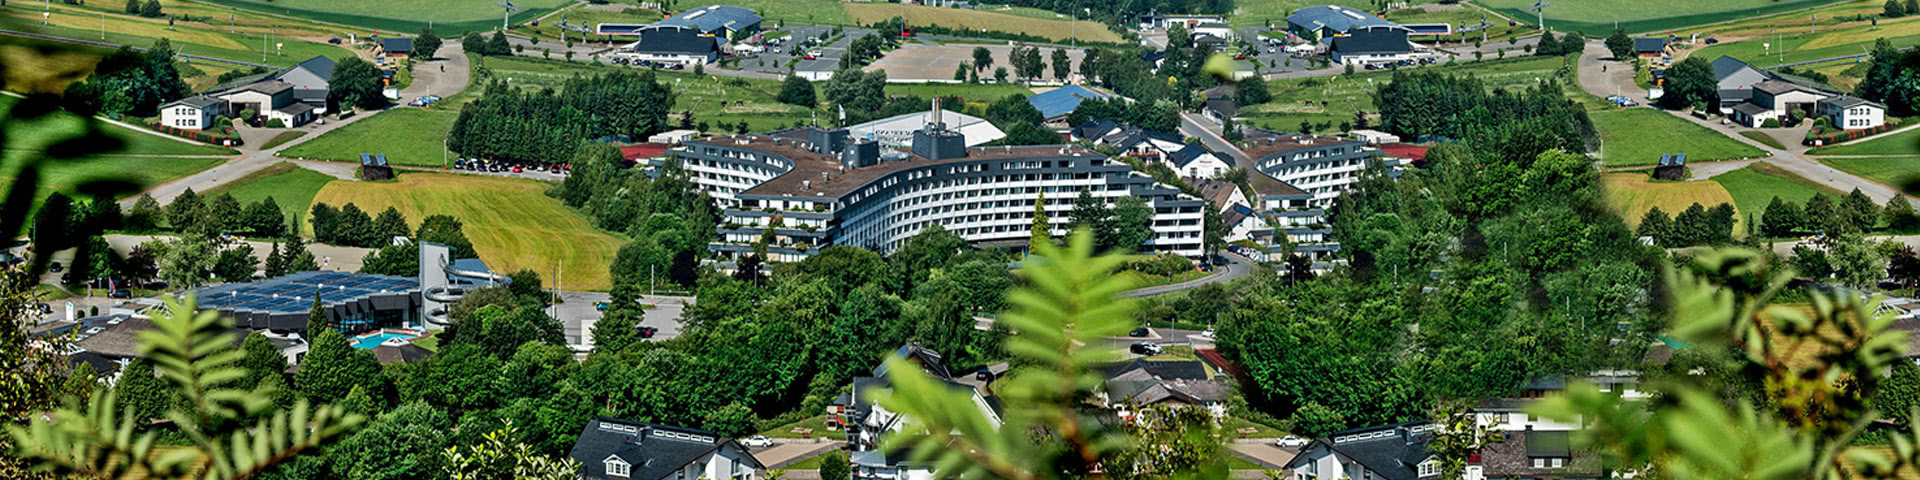 Luftbild Sauerland Stern Hotel in Willingen